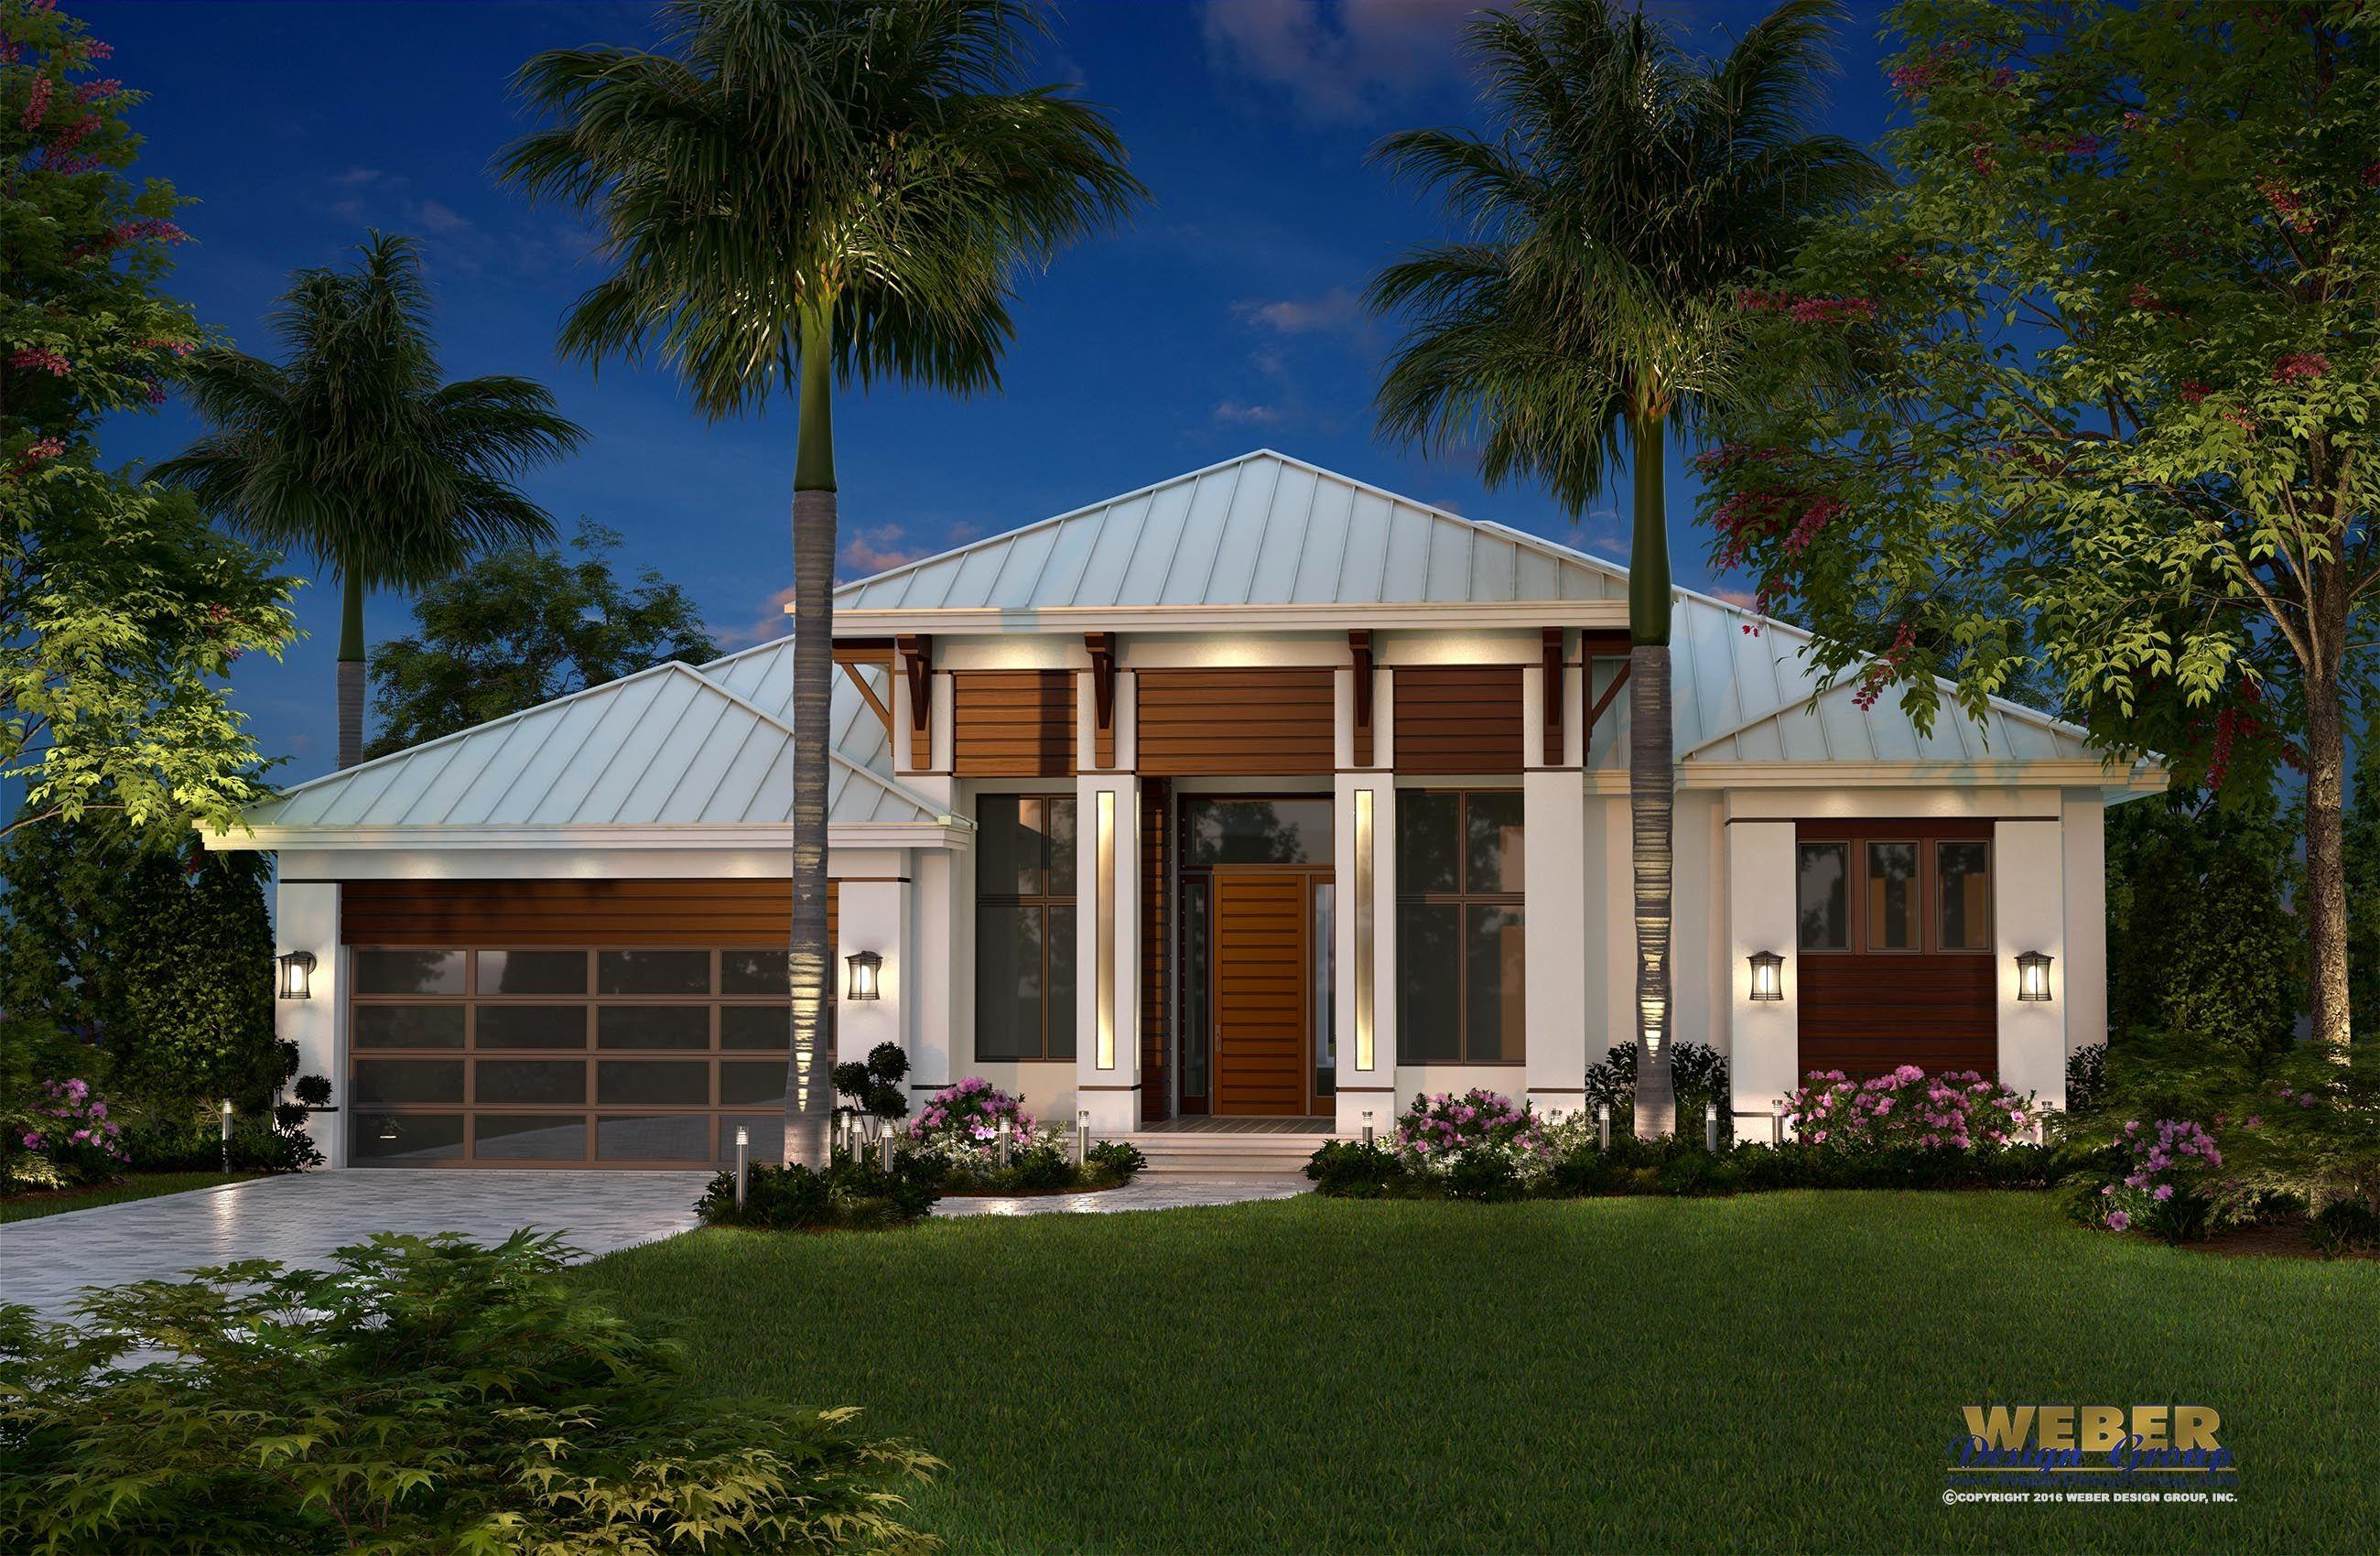 Caribbean homes designs inspirational open plan beach house beautiful also rh pinterest